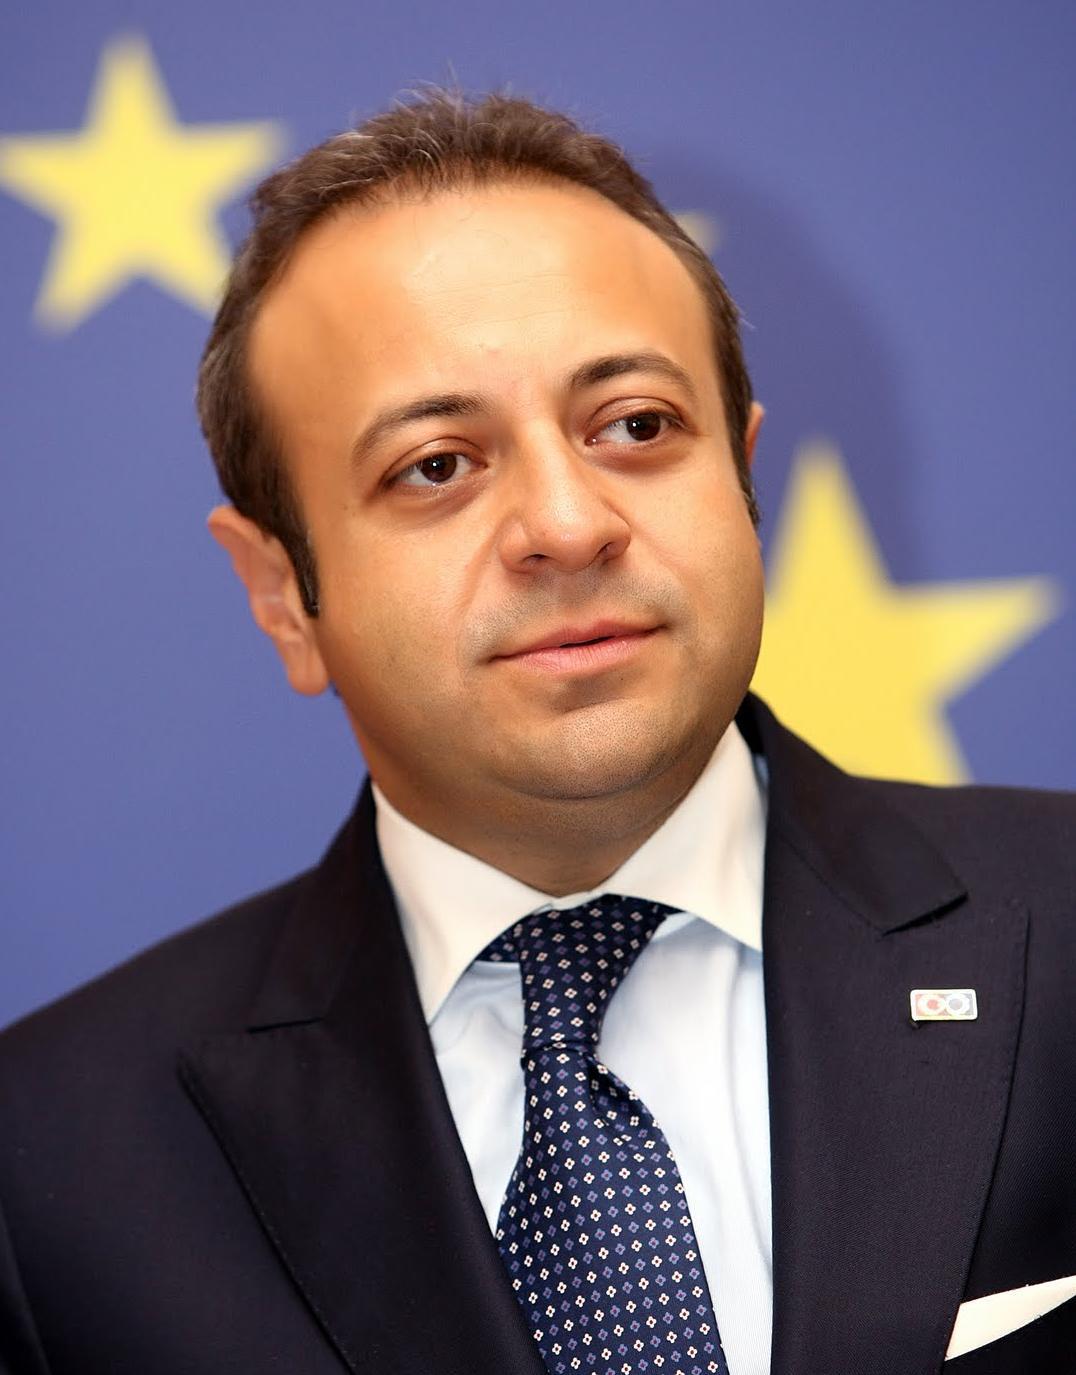 """Negociatorul șef al Turciei cu Uniunea Europeană: """"UE are nevoie de Turcia și nu Turcia de UE"""""""